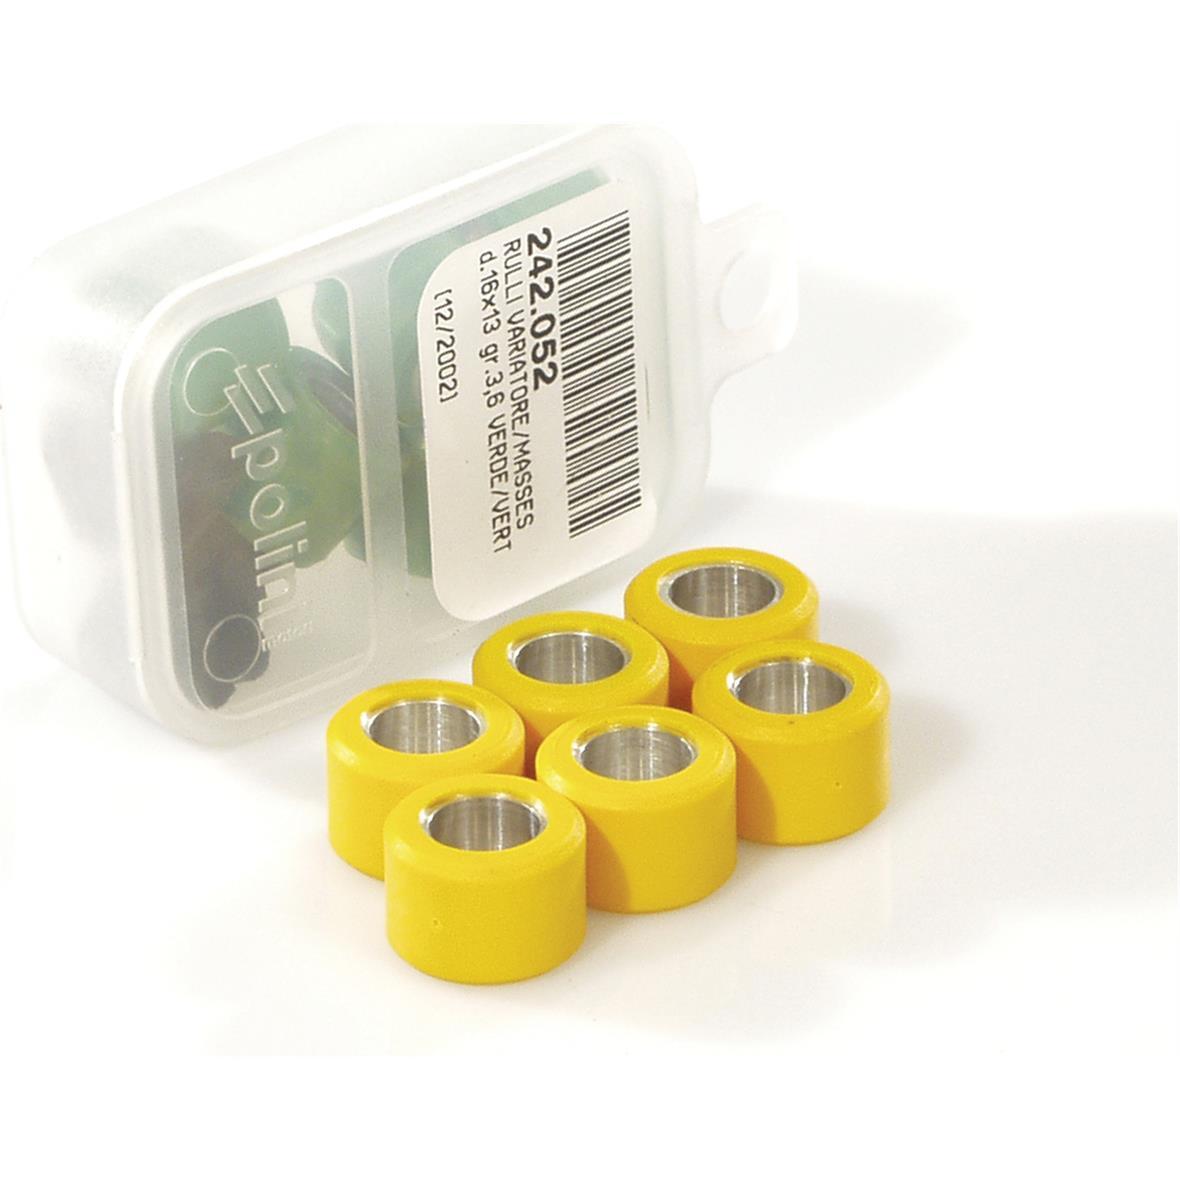 Obrázek výrobku pro 'Válečky variátoru POLINI 17x12 mm 3,2 gramTitle'